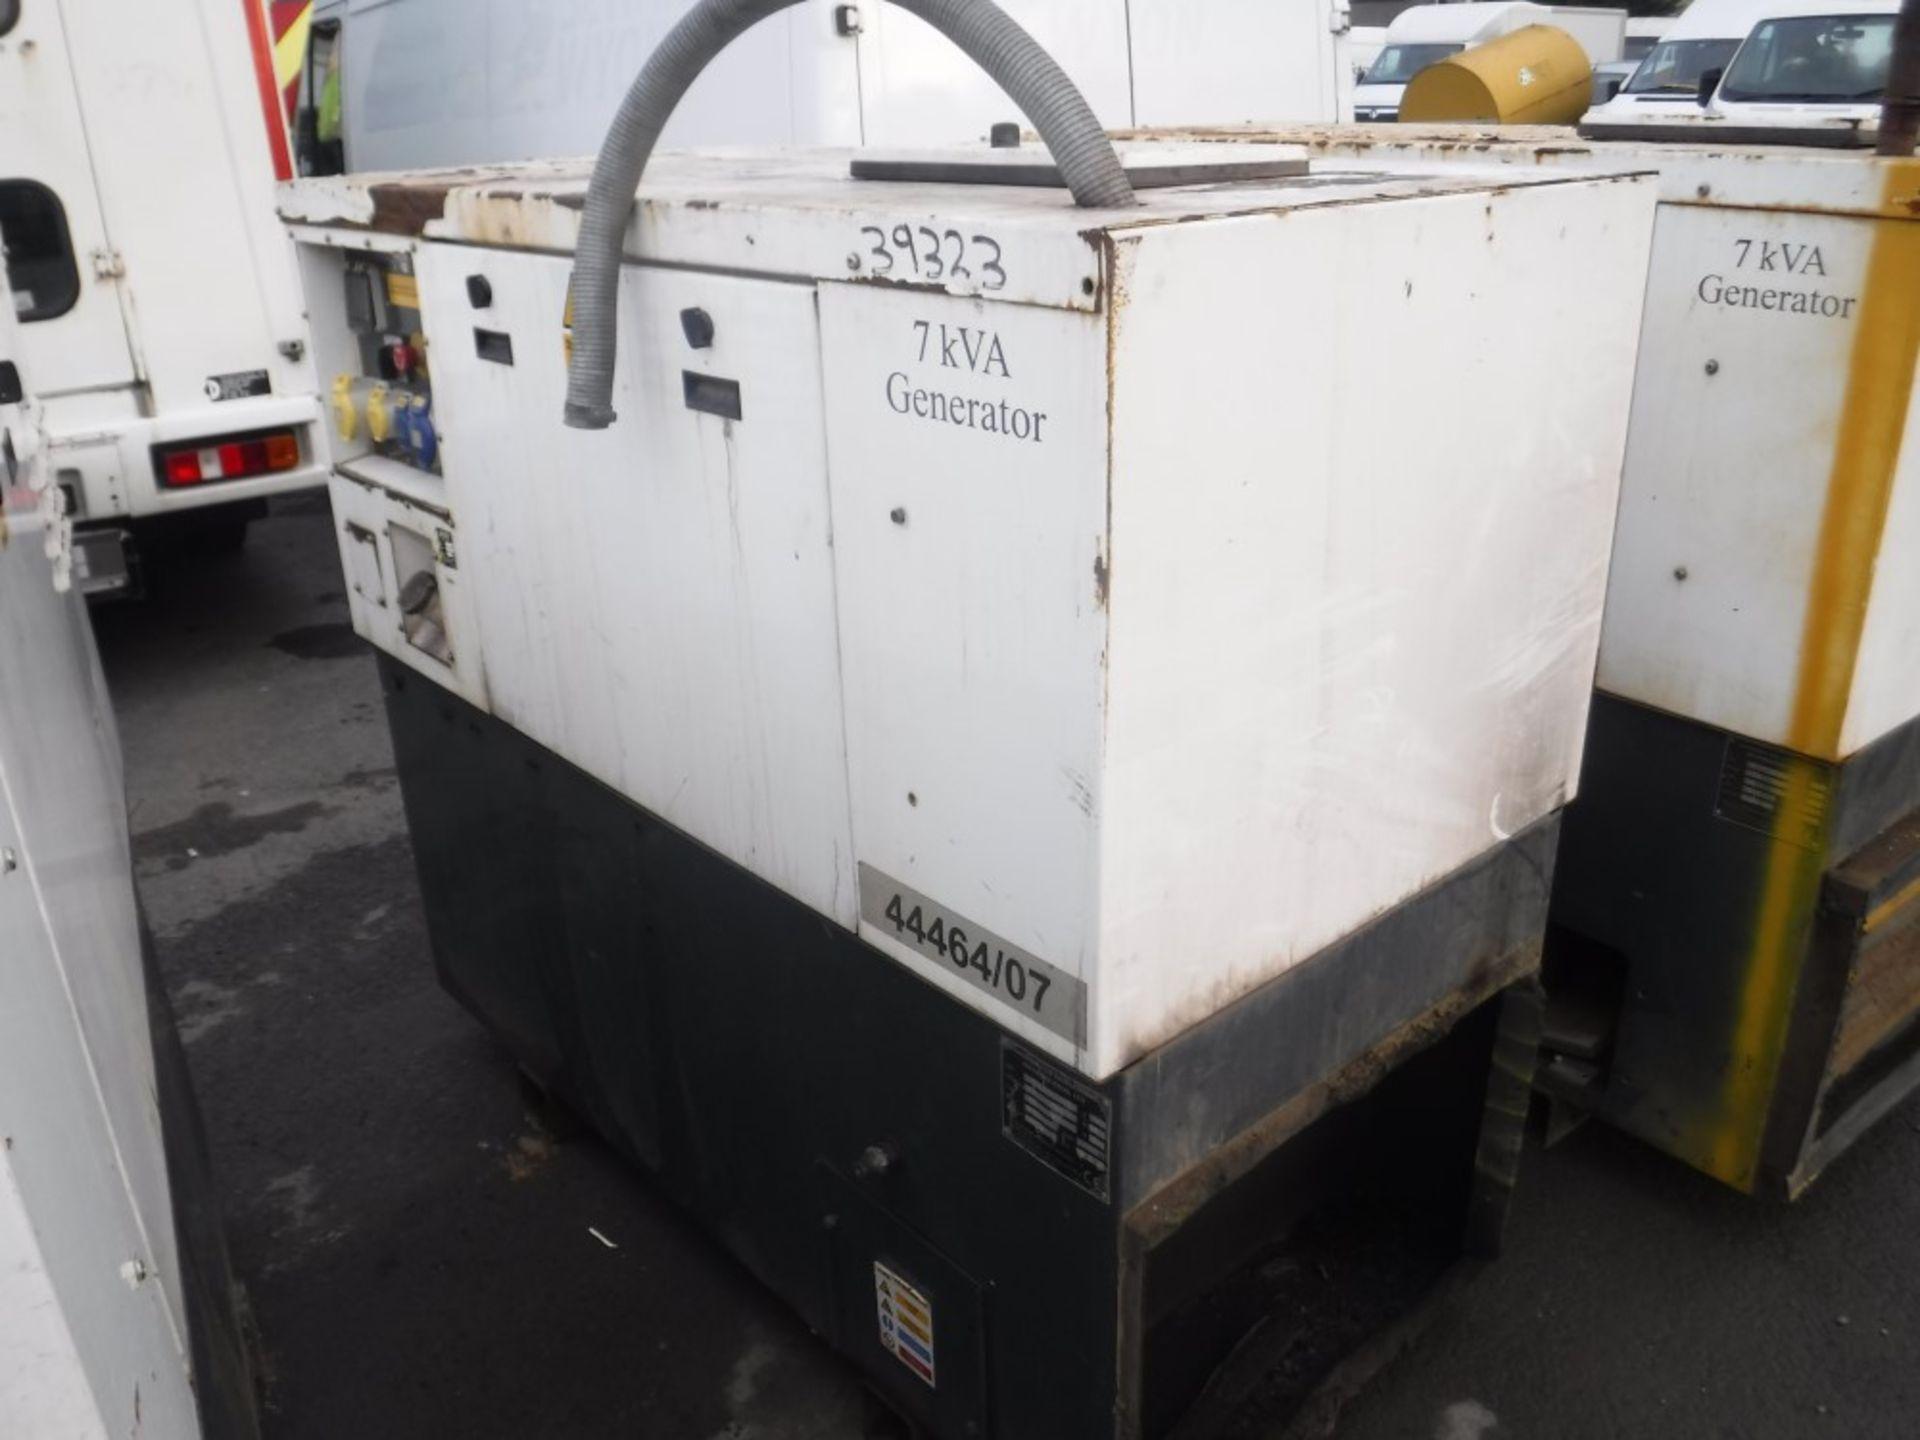 Lot 1142 - 7 KVA GENERATOR (39323) [+ VAT]